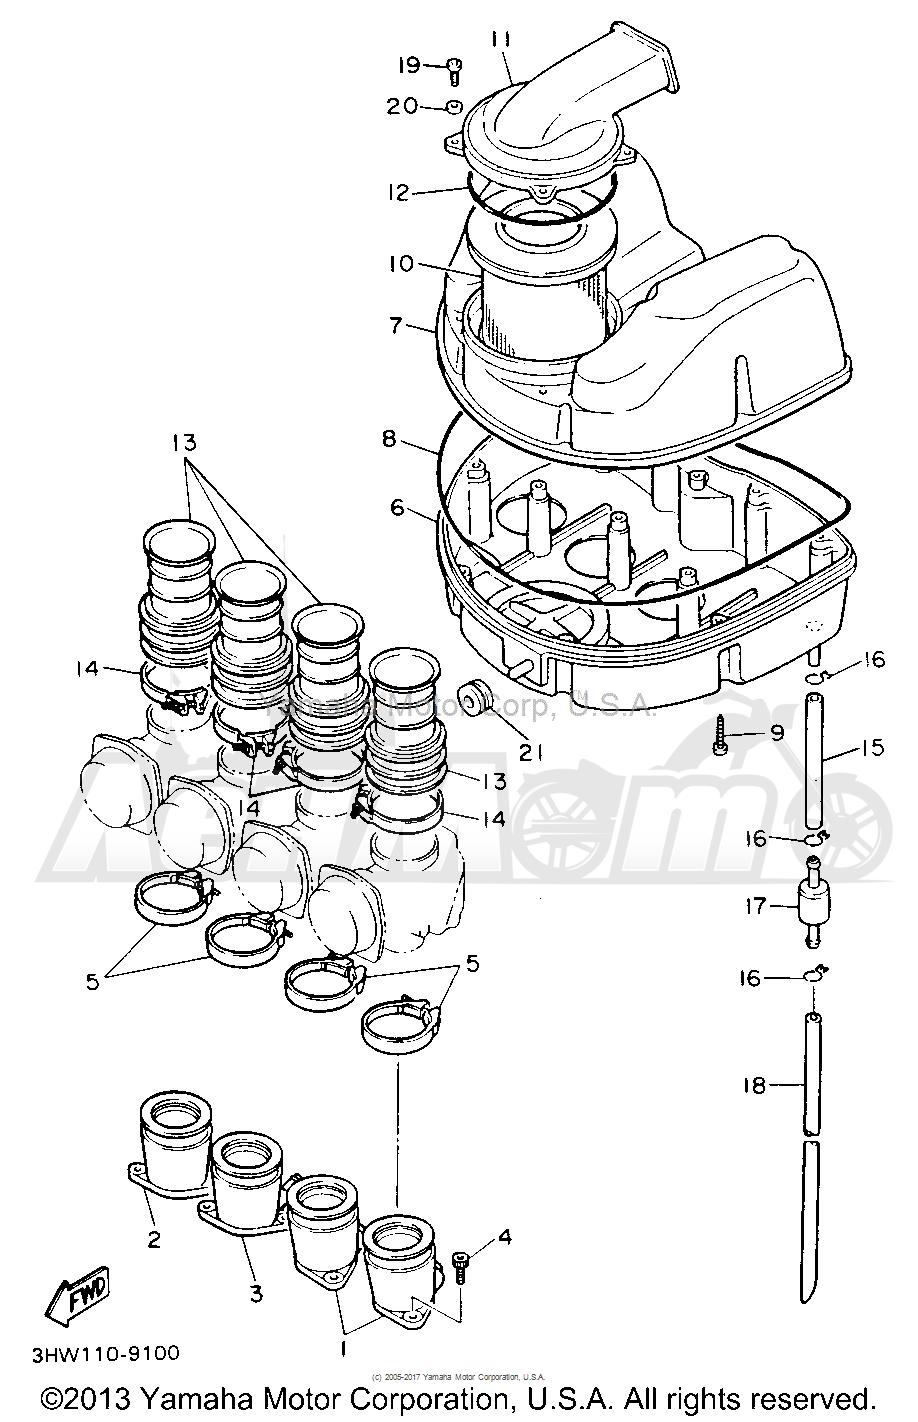 Запчасти для Мотоцикла Yamaha 1991 FZR600RBC Раздел: AIR FILTER | воздушный фильтр